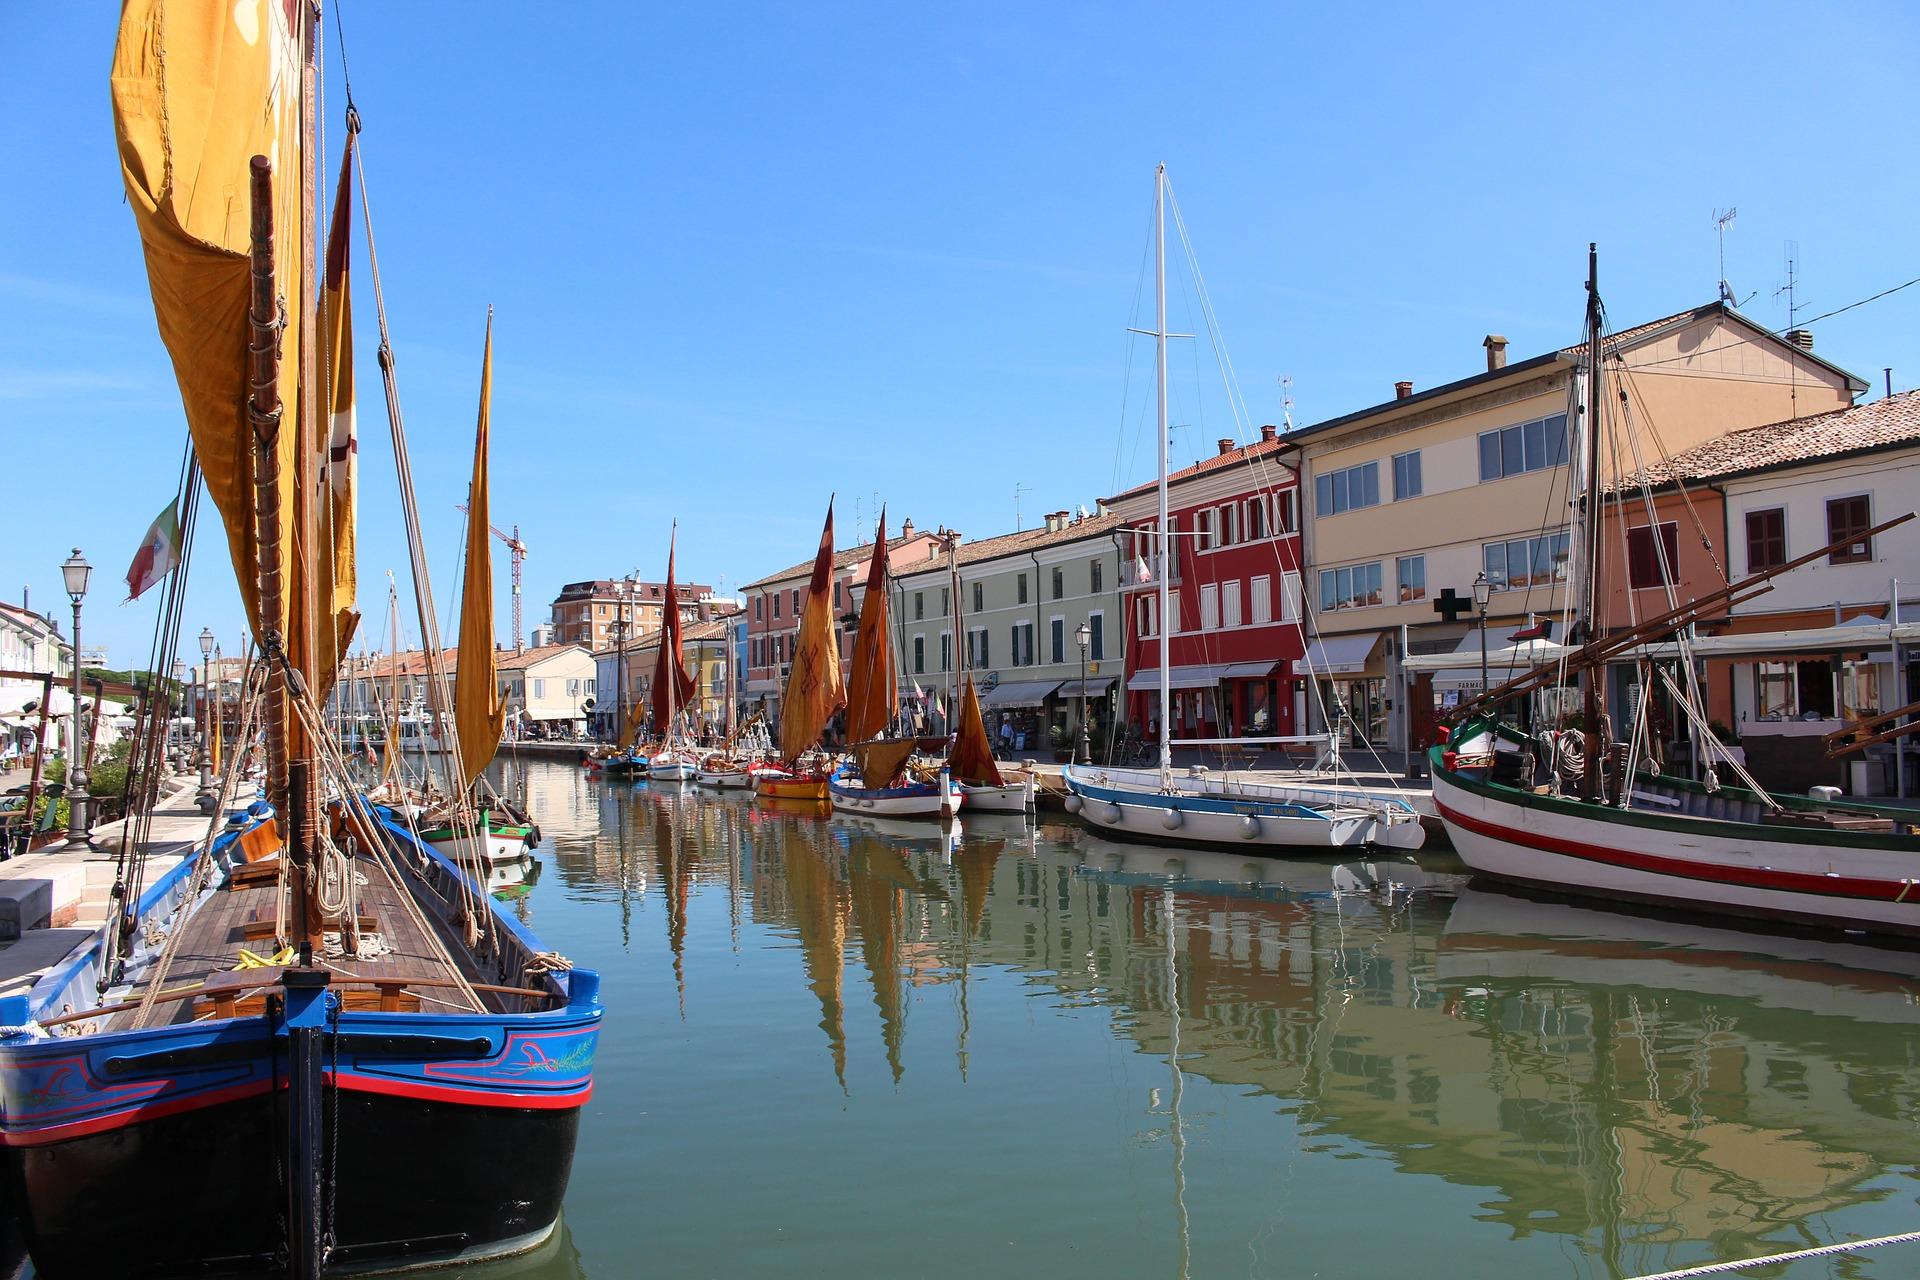 Regione Emilia Romagna: le strategie e le linee guida per far ripartire spiagge, alberghi, commercio e pubblici esercizi